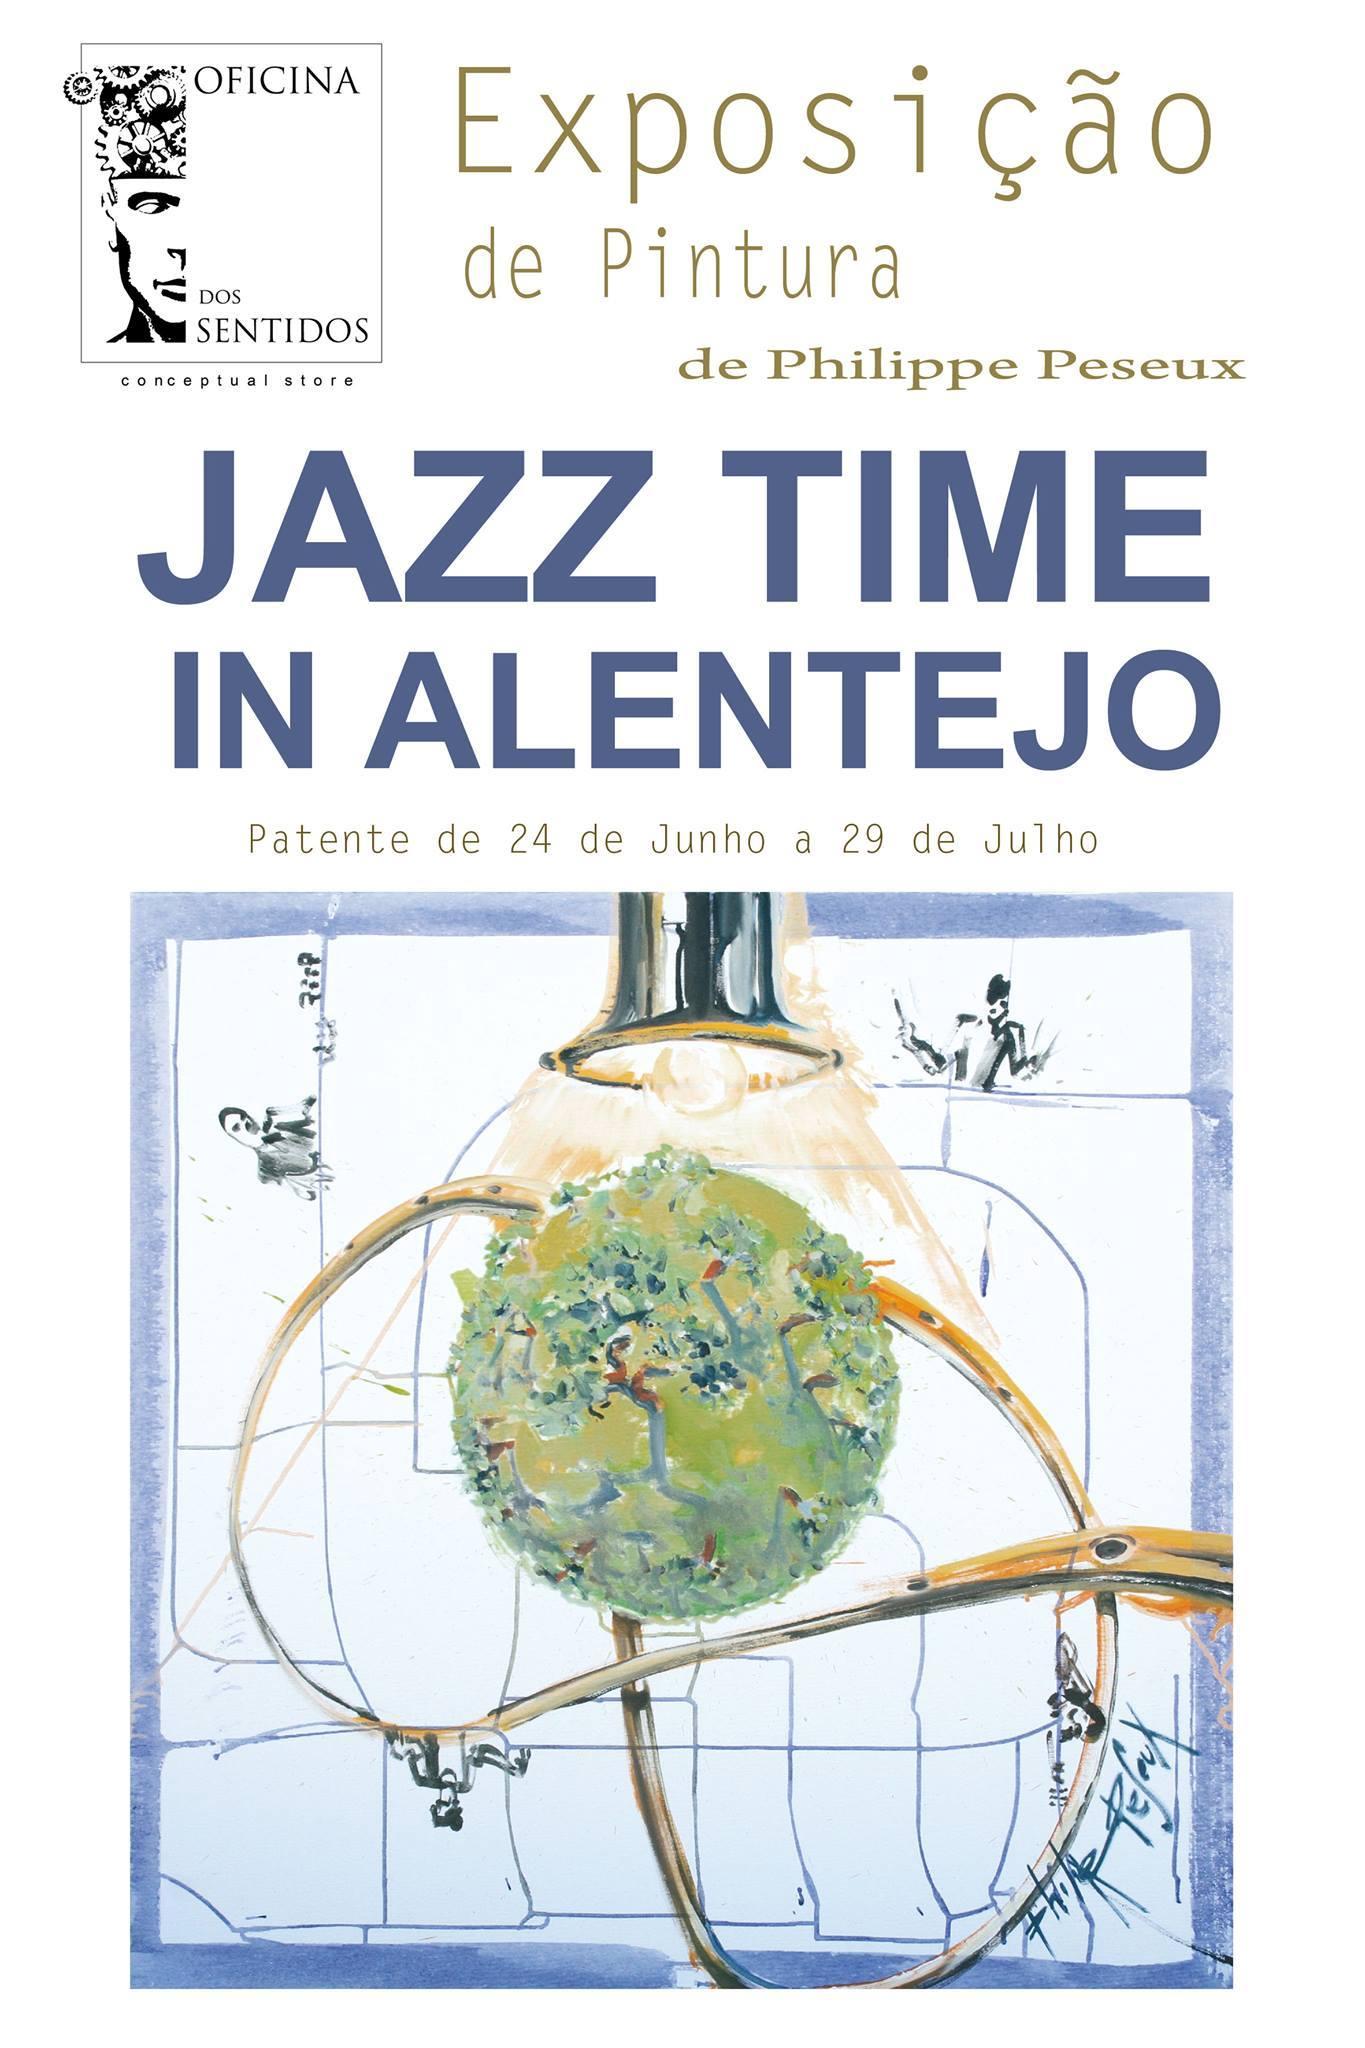 Jazz time affiche